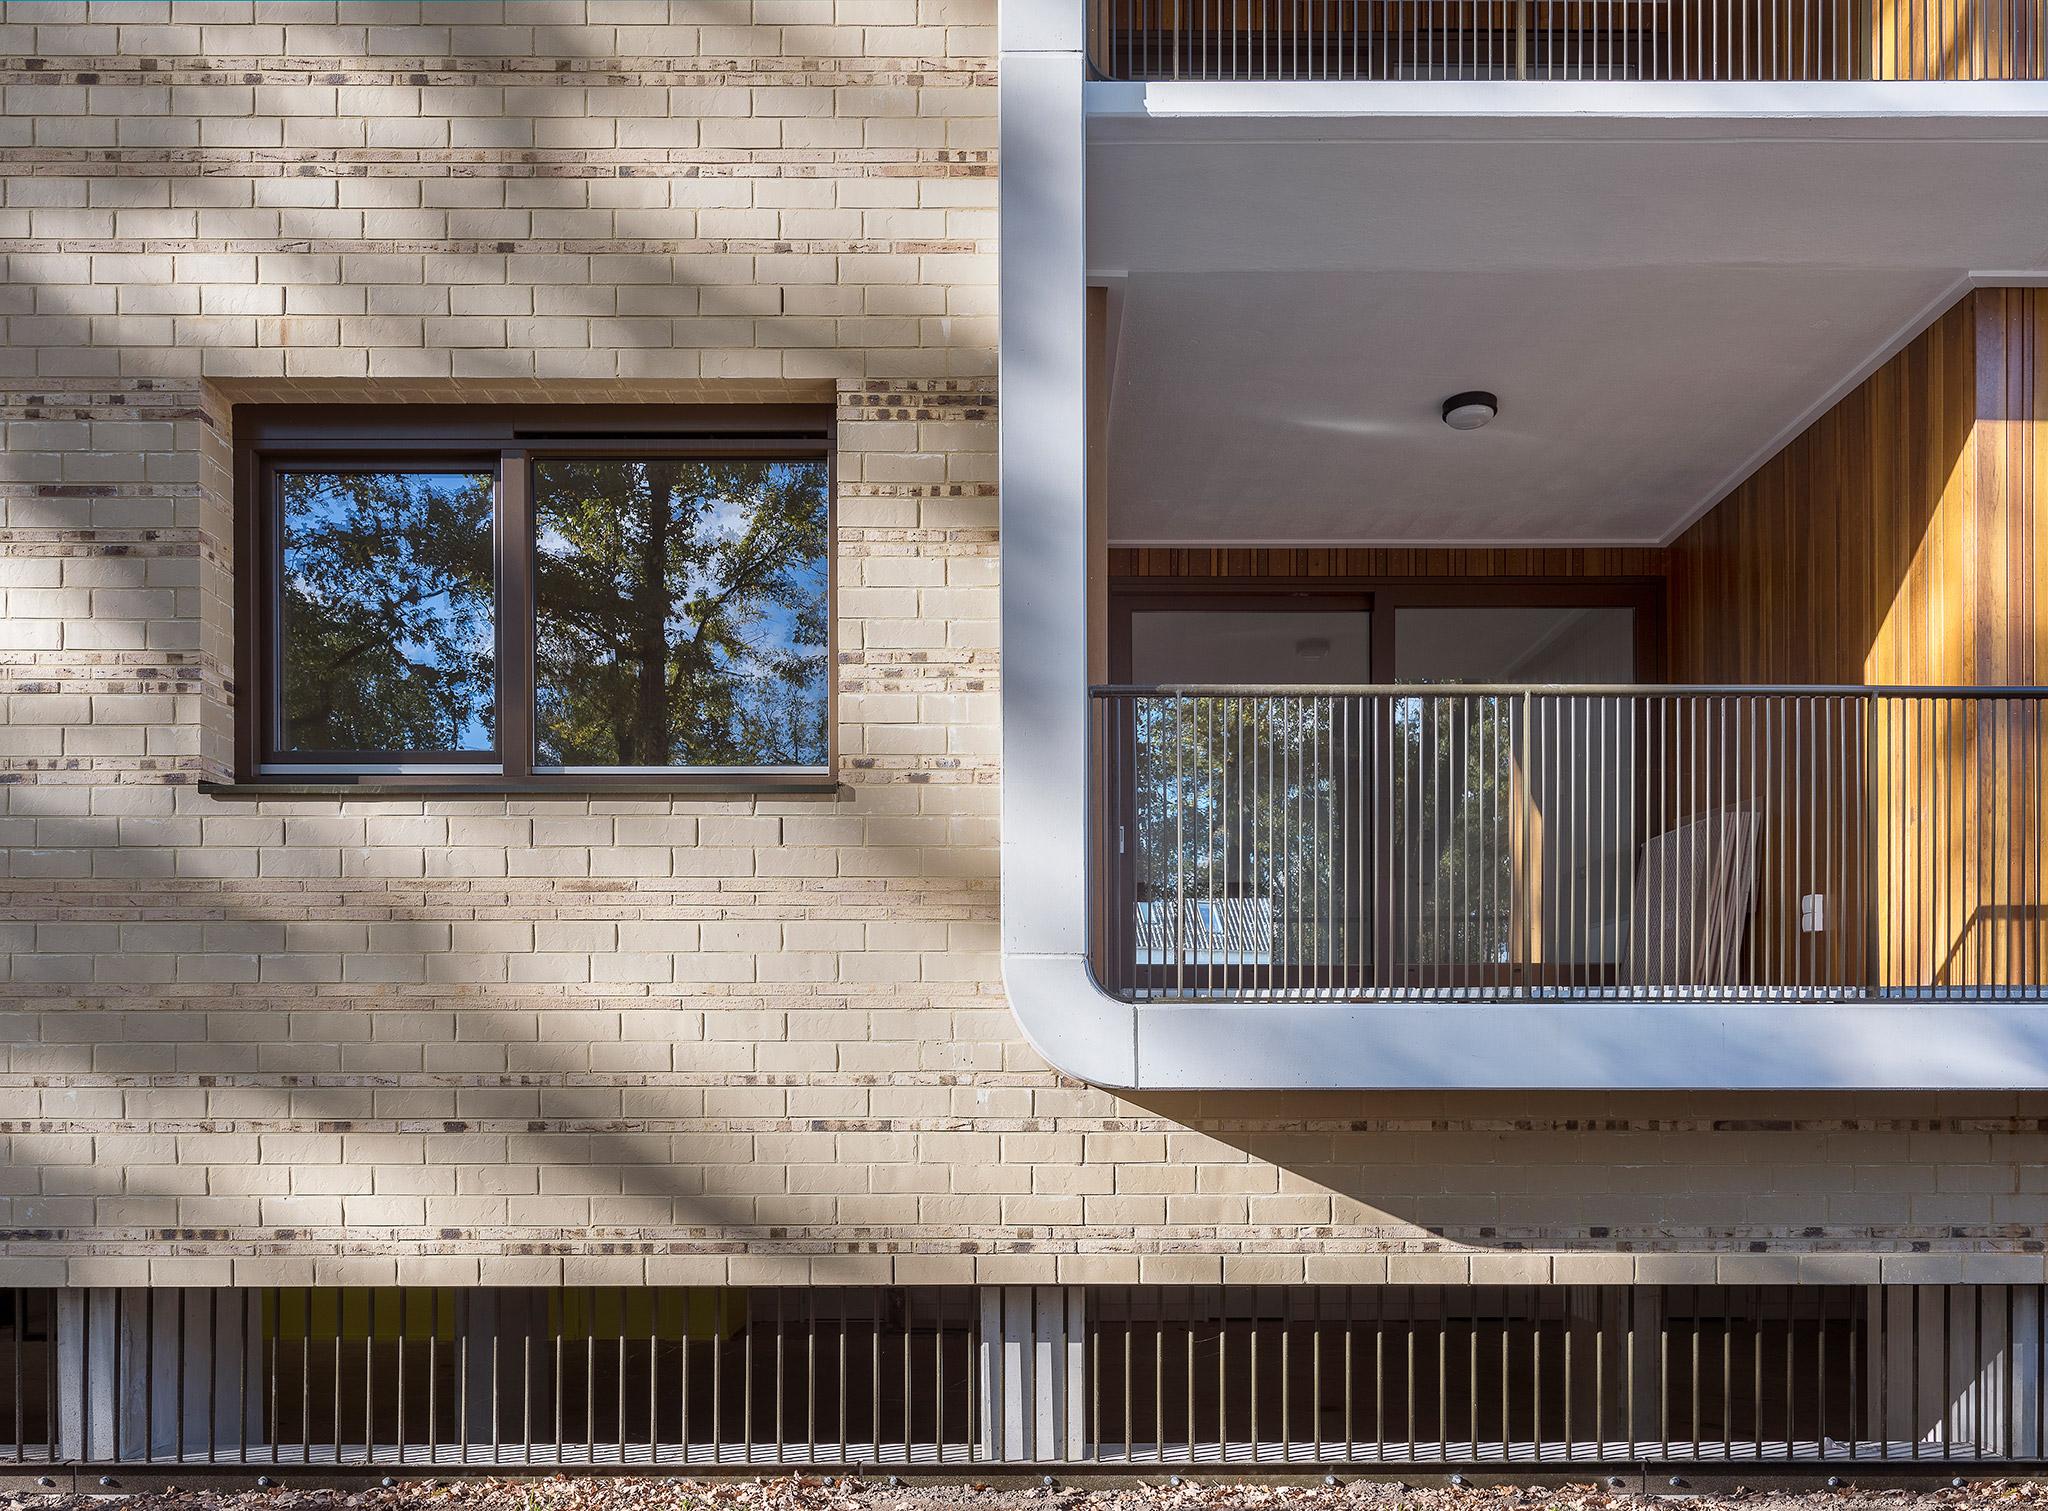 Simone Drost Architecture Planet Pab Architecture Appartementen Stdhouderspark Vught materiaal detail